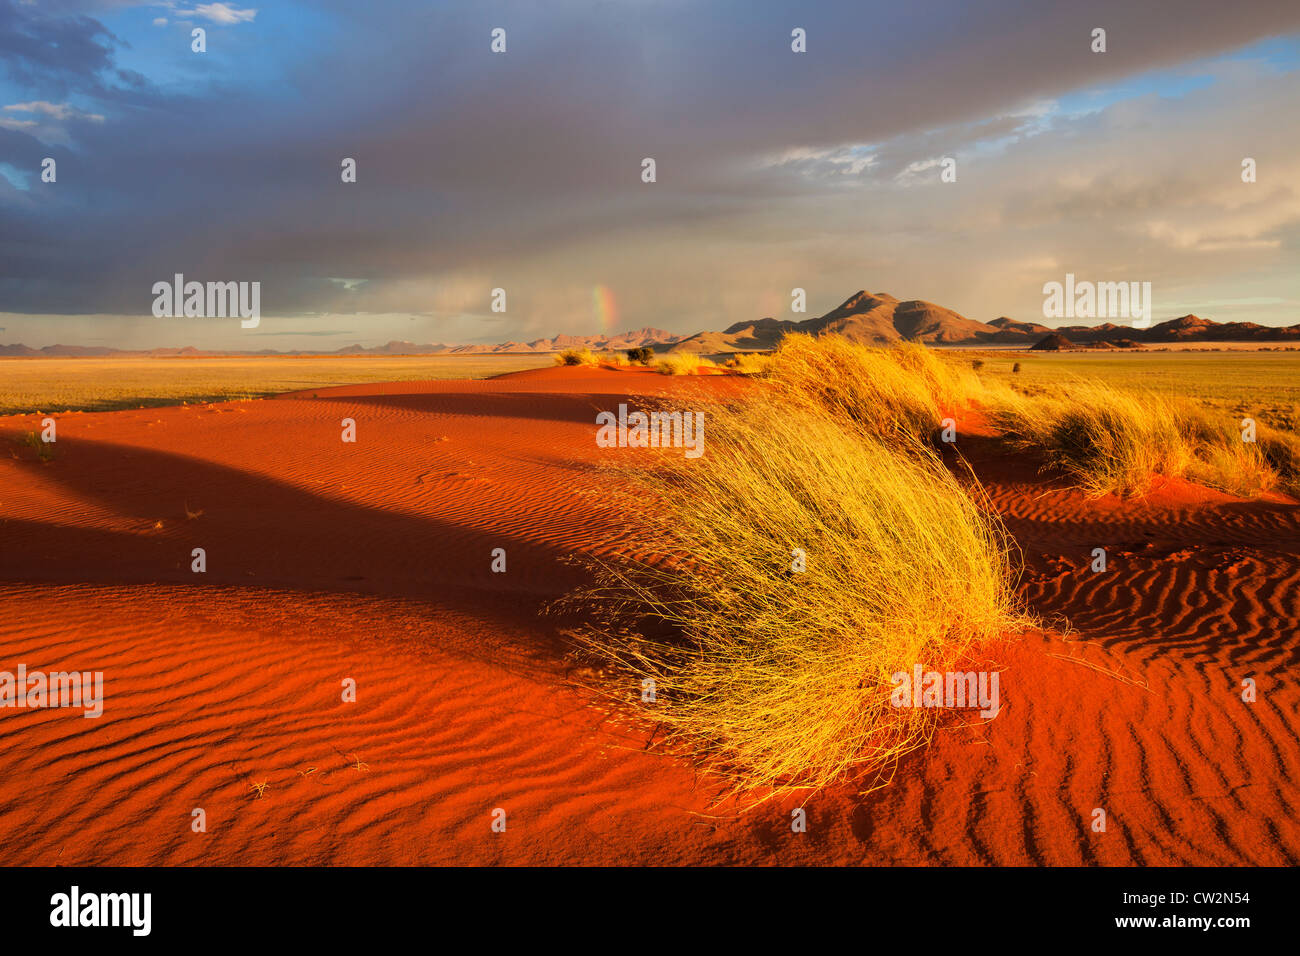 Puesta de sol paisaje mostrando la ecología única del sur-oeste del desierto de Namib o pro -Namib. NamibRand Imagen De Stock